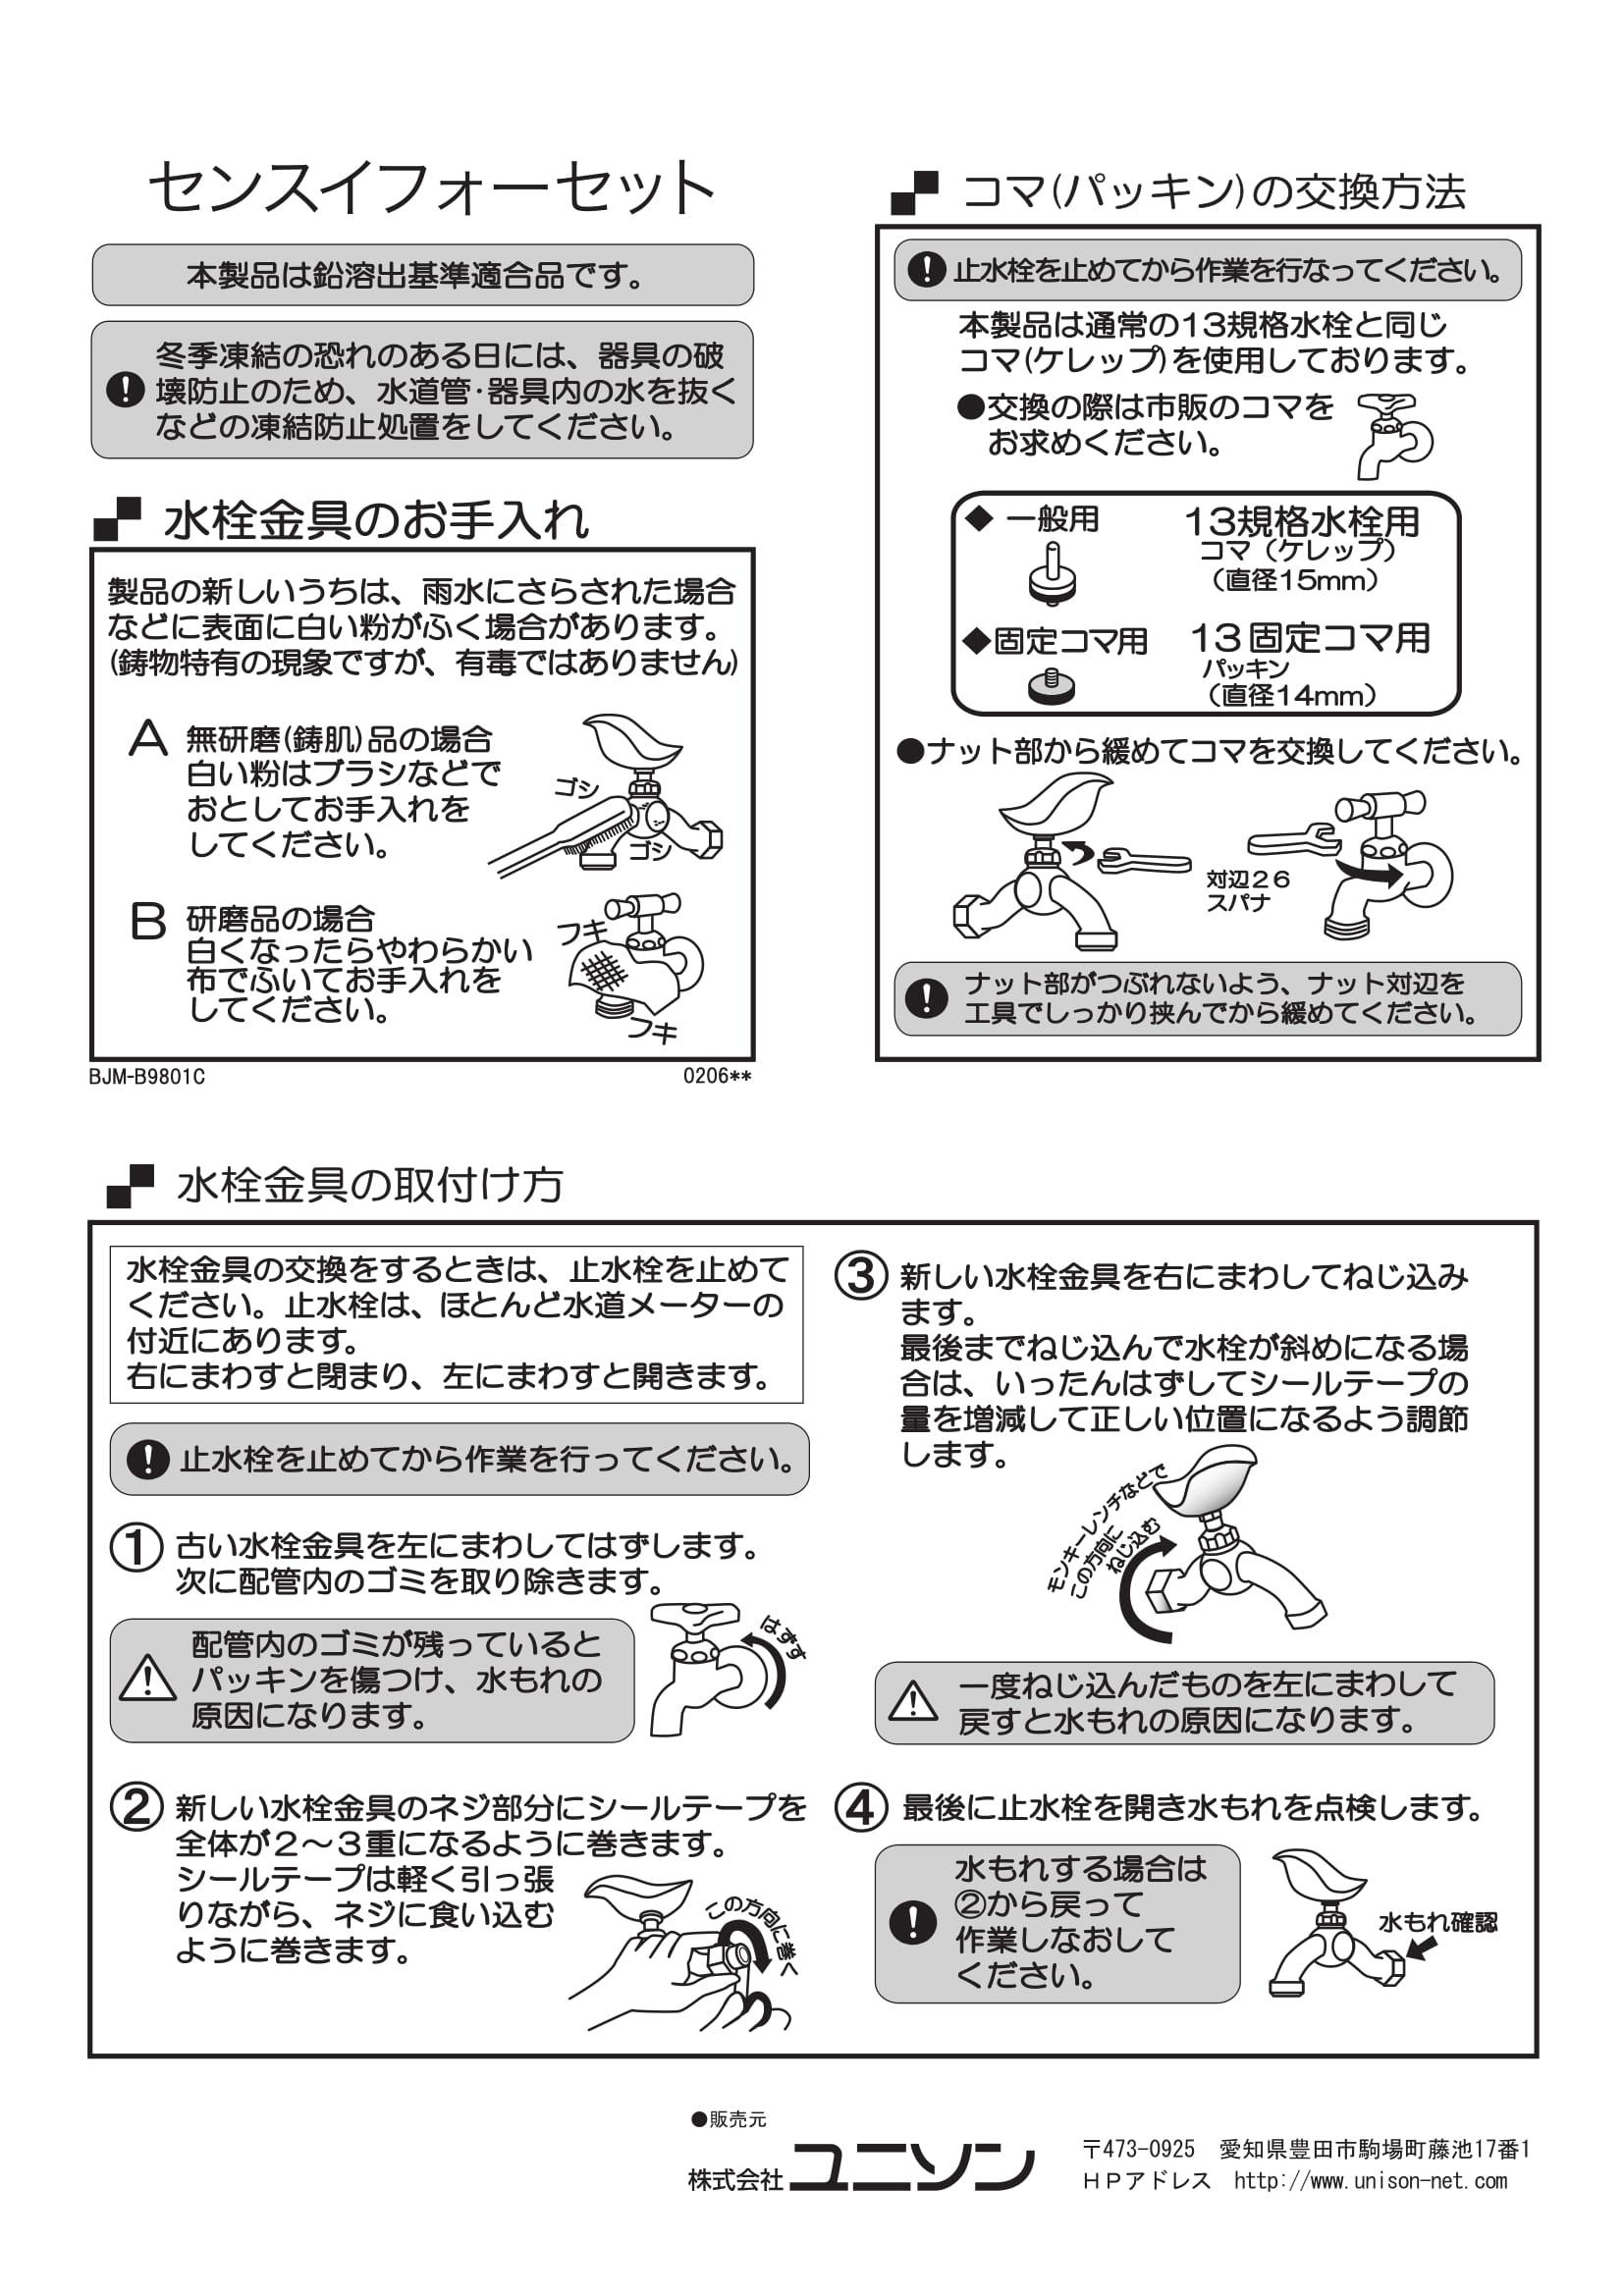 センスイフォーセット_取扱説明書-1